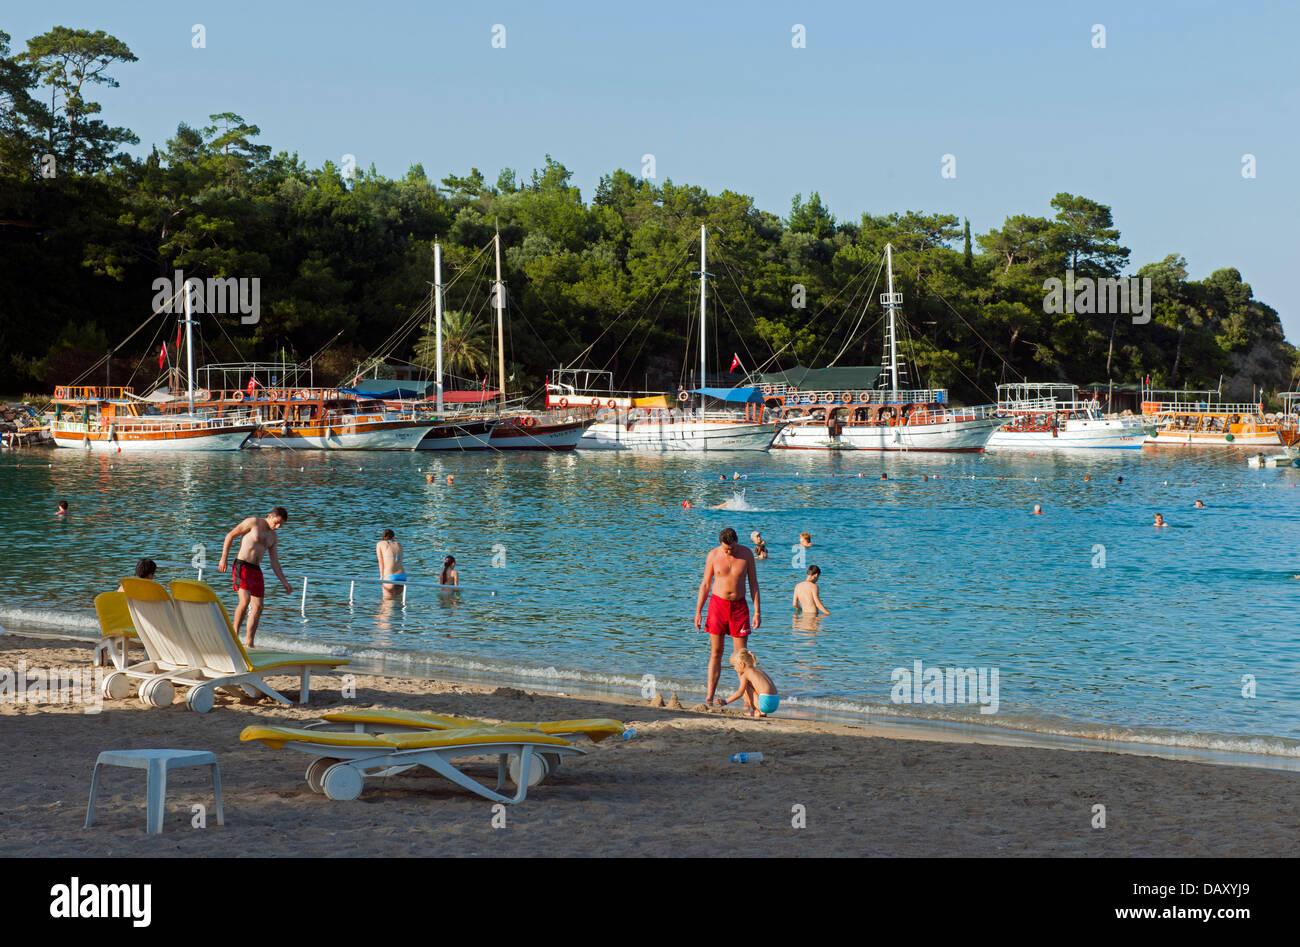 Türkei, Kemer, Stadtstrand Moonlight Beach - Stock Image